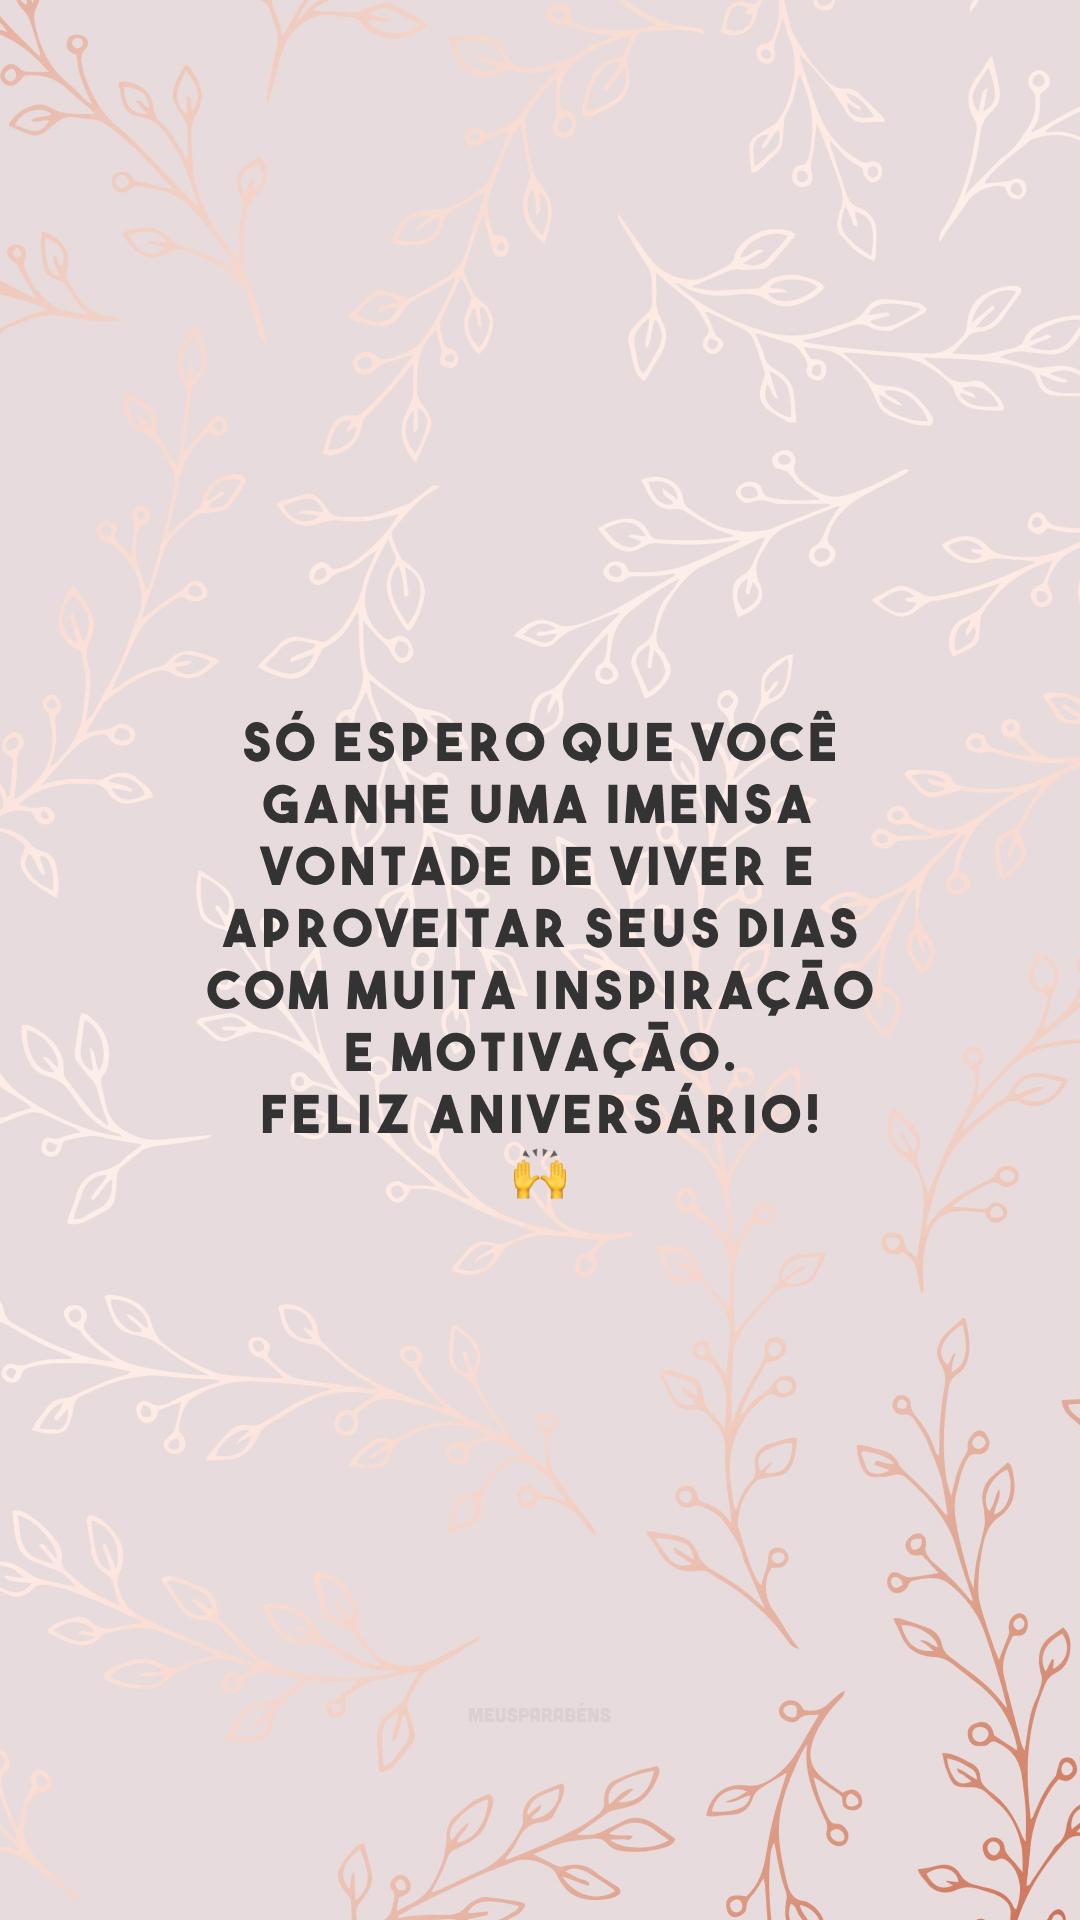 Só espero que você ganhe uma imensa vontade de viver e aproveitar seus dias com muita inspiração e motivação. Feliz aniversário! 🙌